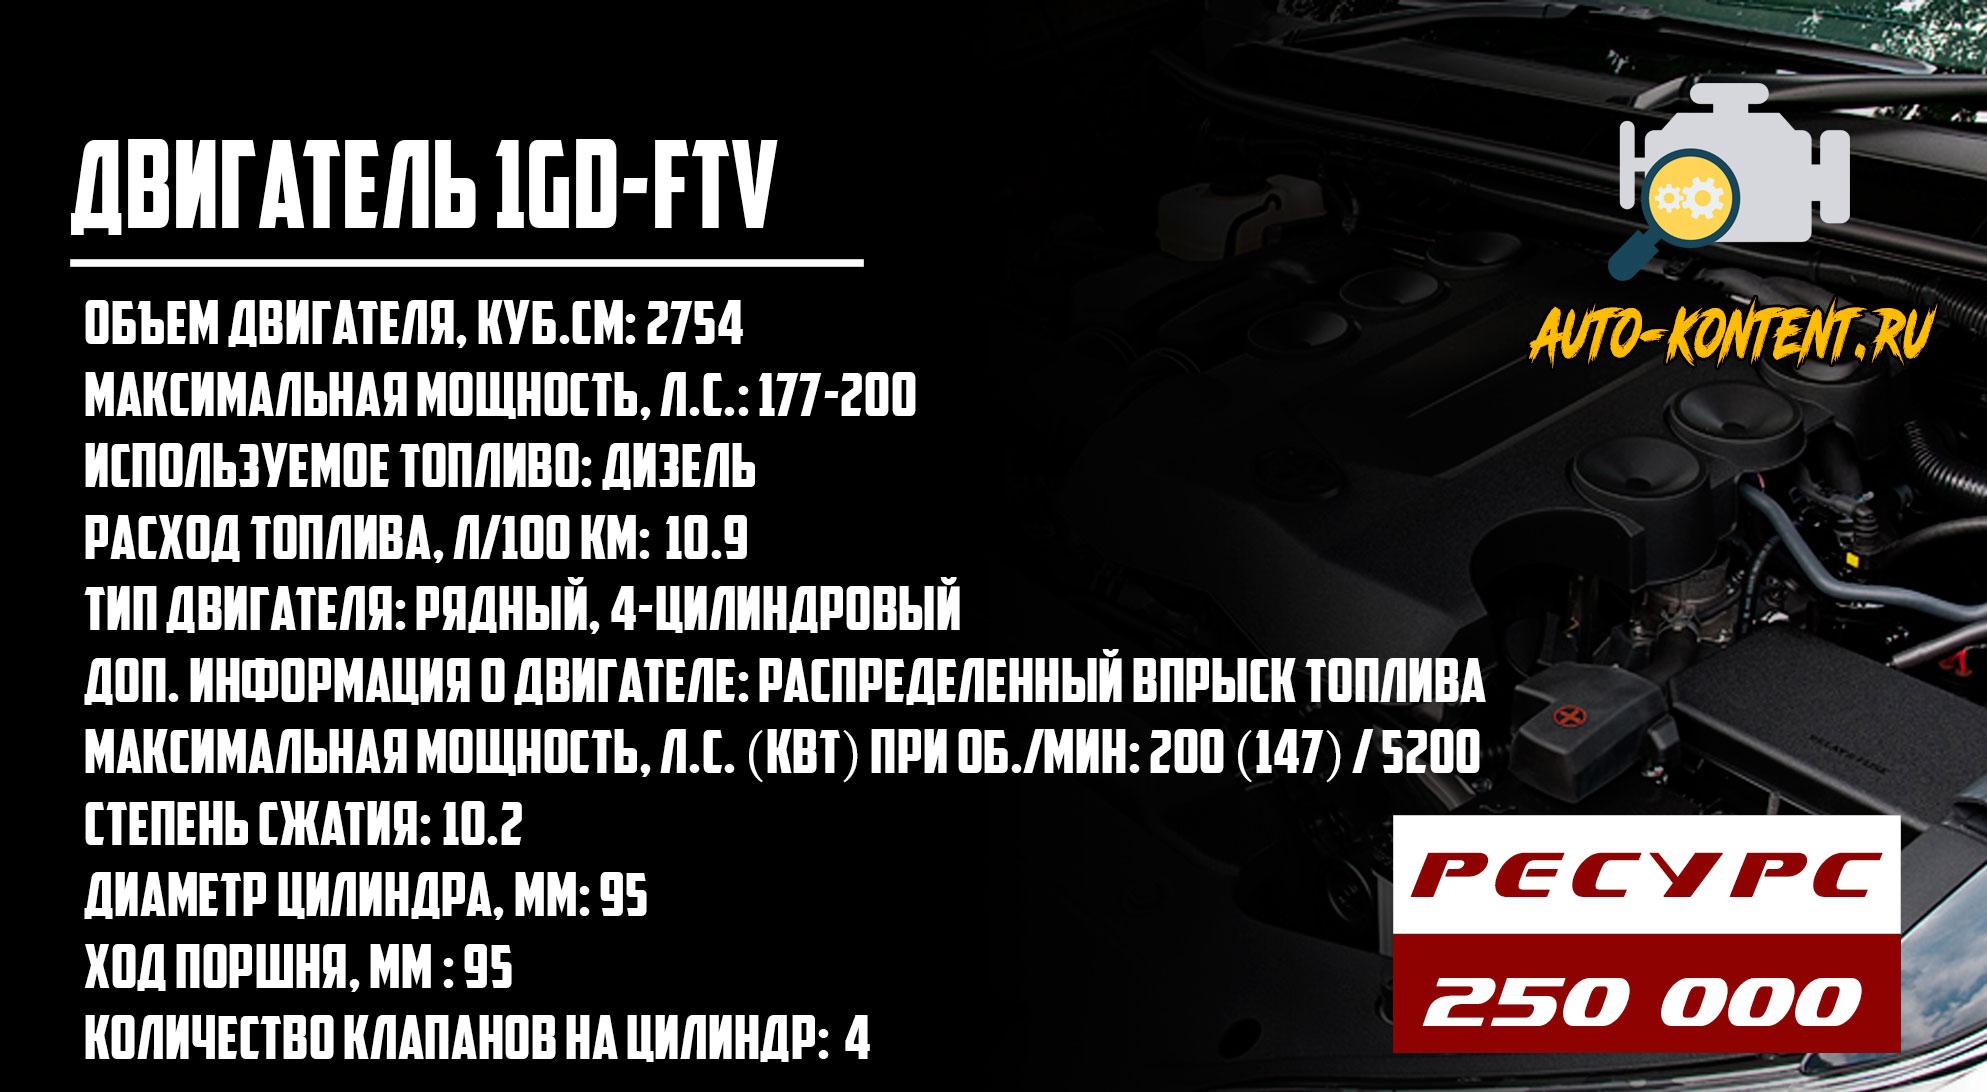 1GD-FTV